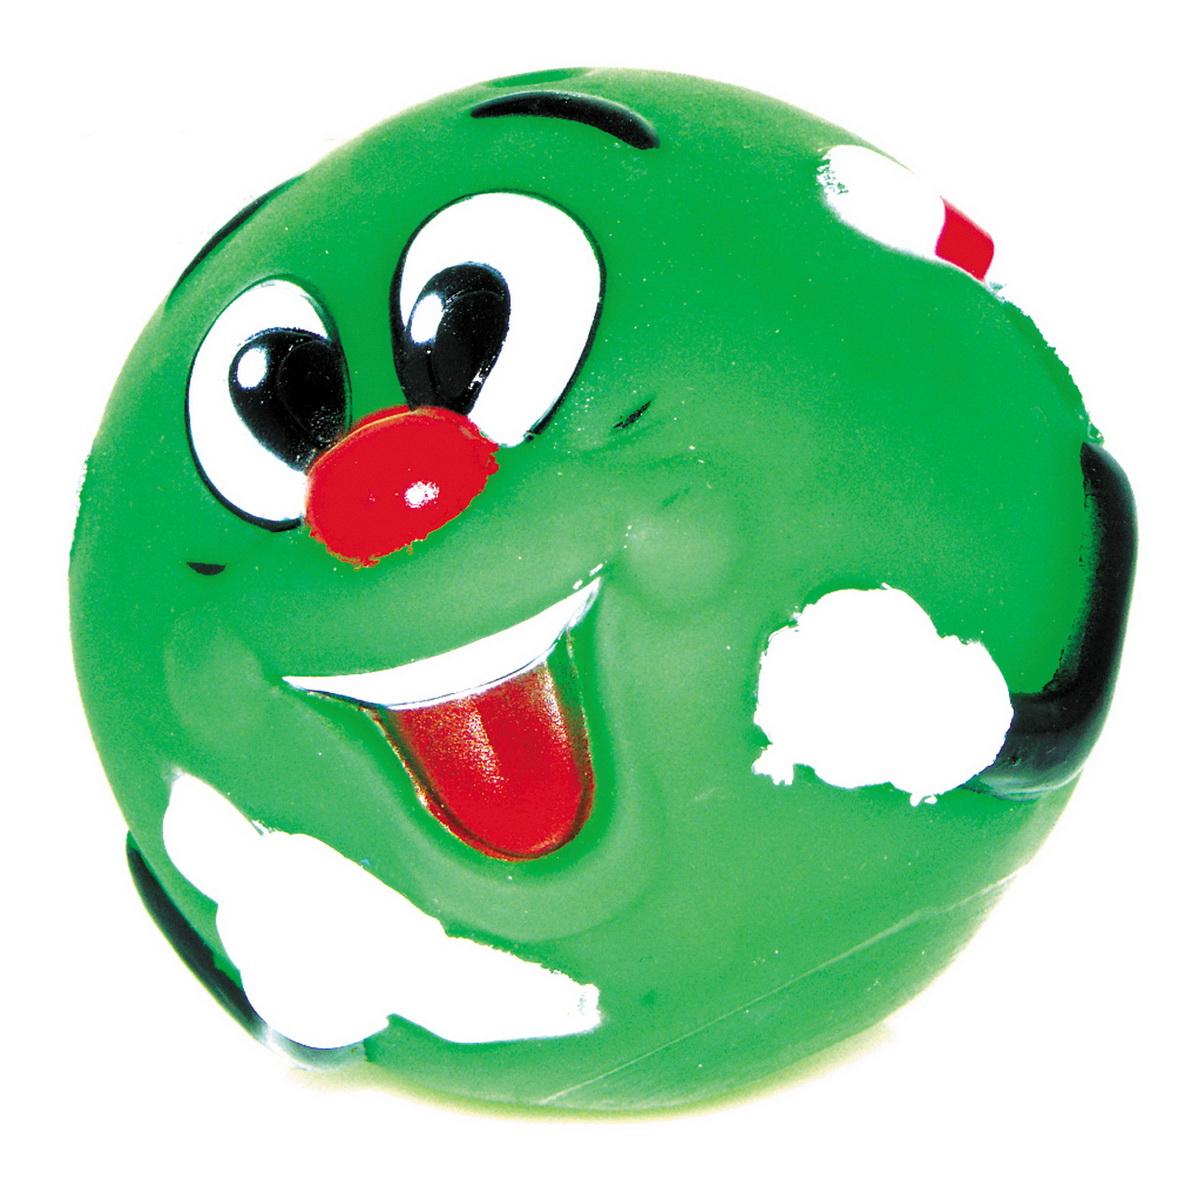 Игрушка для собак Dezzie Мяч. Собачья радость, цвет: зеленый, диаметр 8,5 см. 5604006117Игрушка для собак Dezzie Мяч. Собачья радость из винила практична, функциональна и совершенно безопасна для здоровья животного. Ее легко мыть и дезинфицировать. Такая игрушка очень легкая, поэтому собаке совсем нетрудно брать ее в пасть и переносить с места на место. Игрушка из винила станет прекрасным подарком для неугомонного четвероногого питомца.Диаметр мяча: 8,5 см.